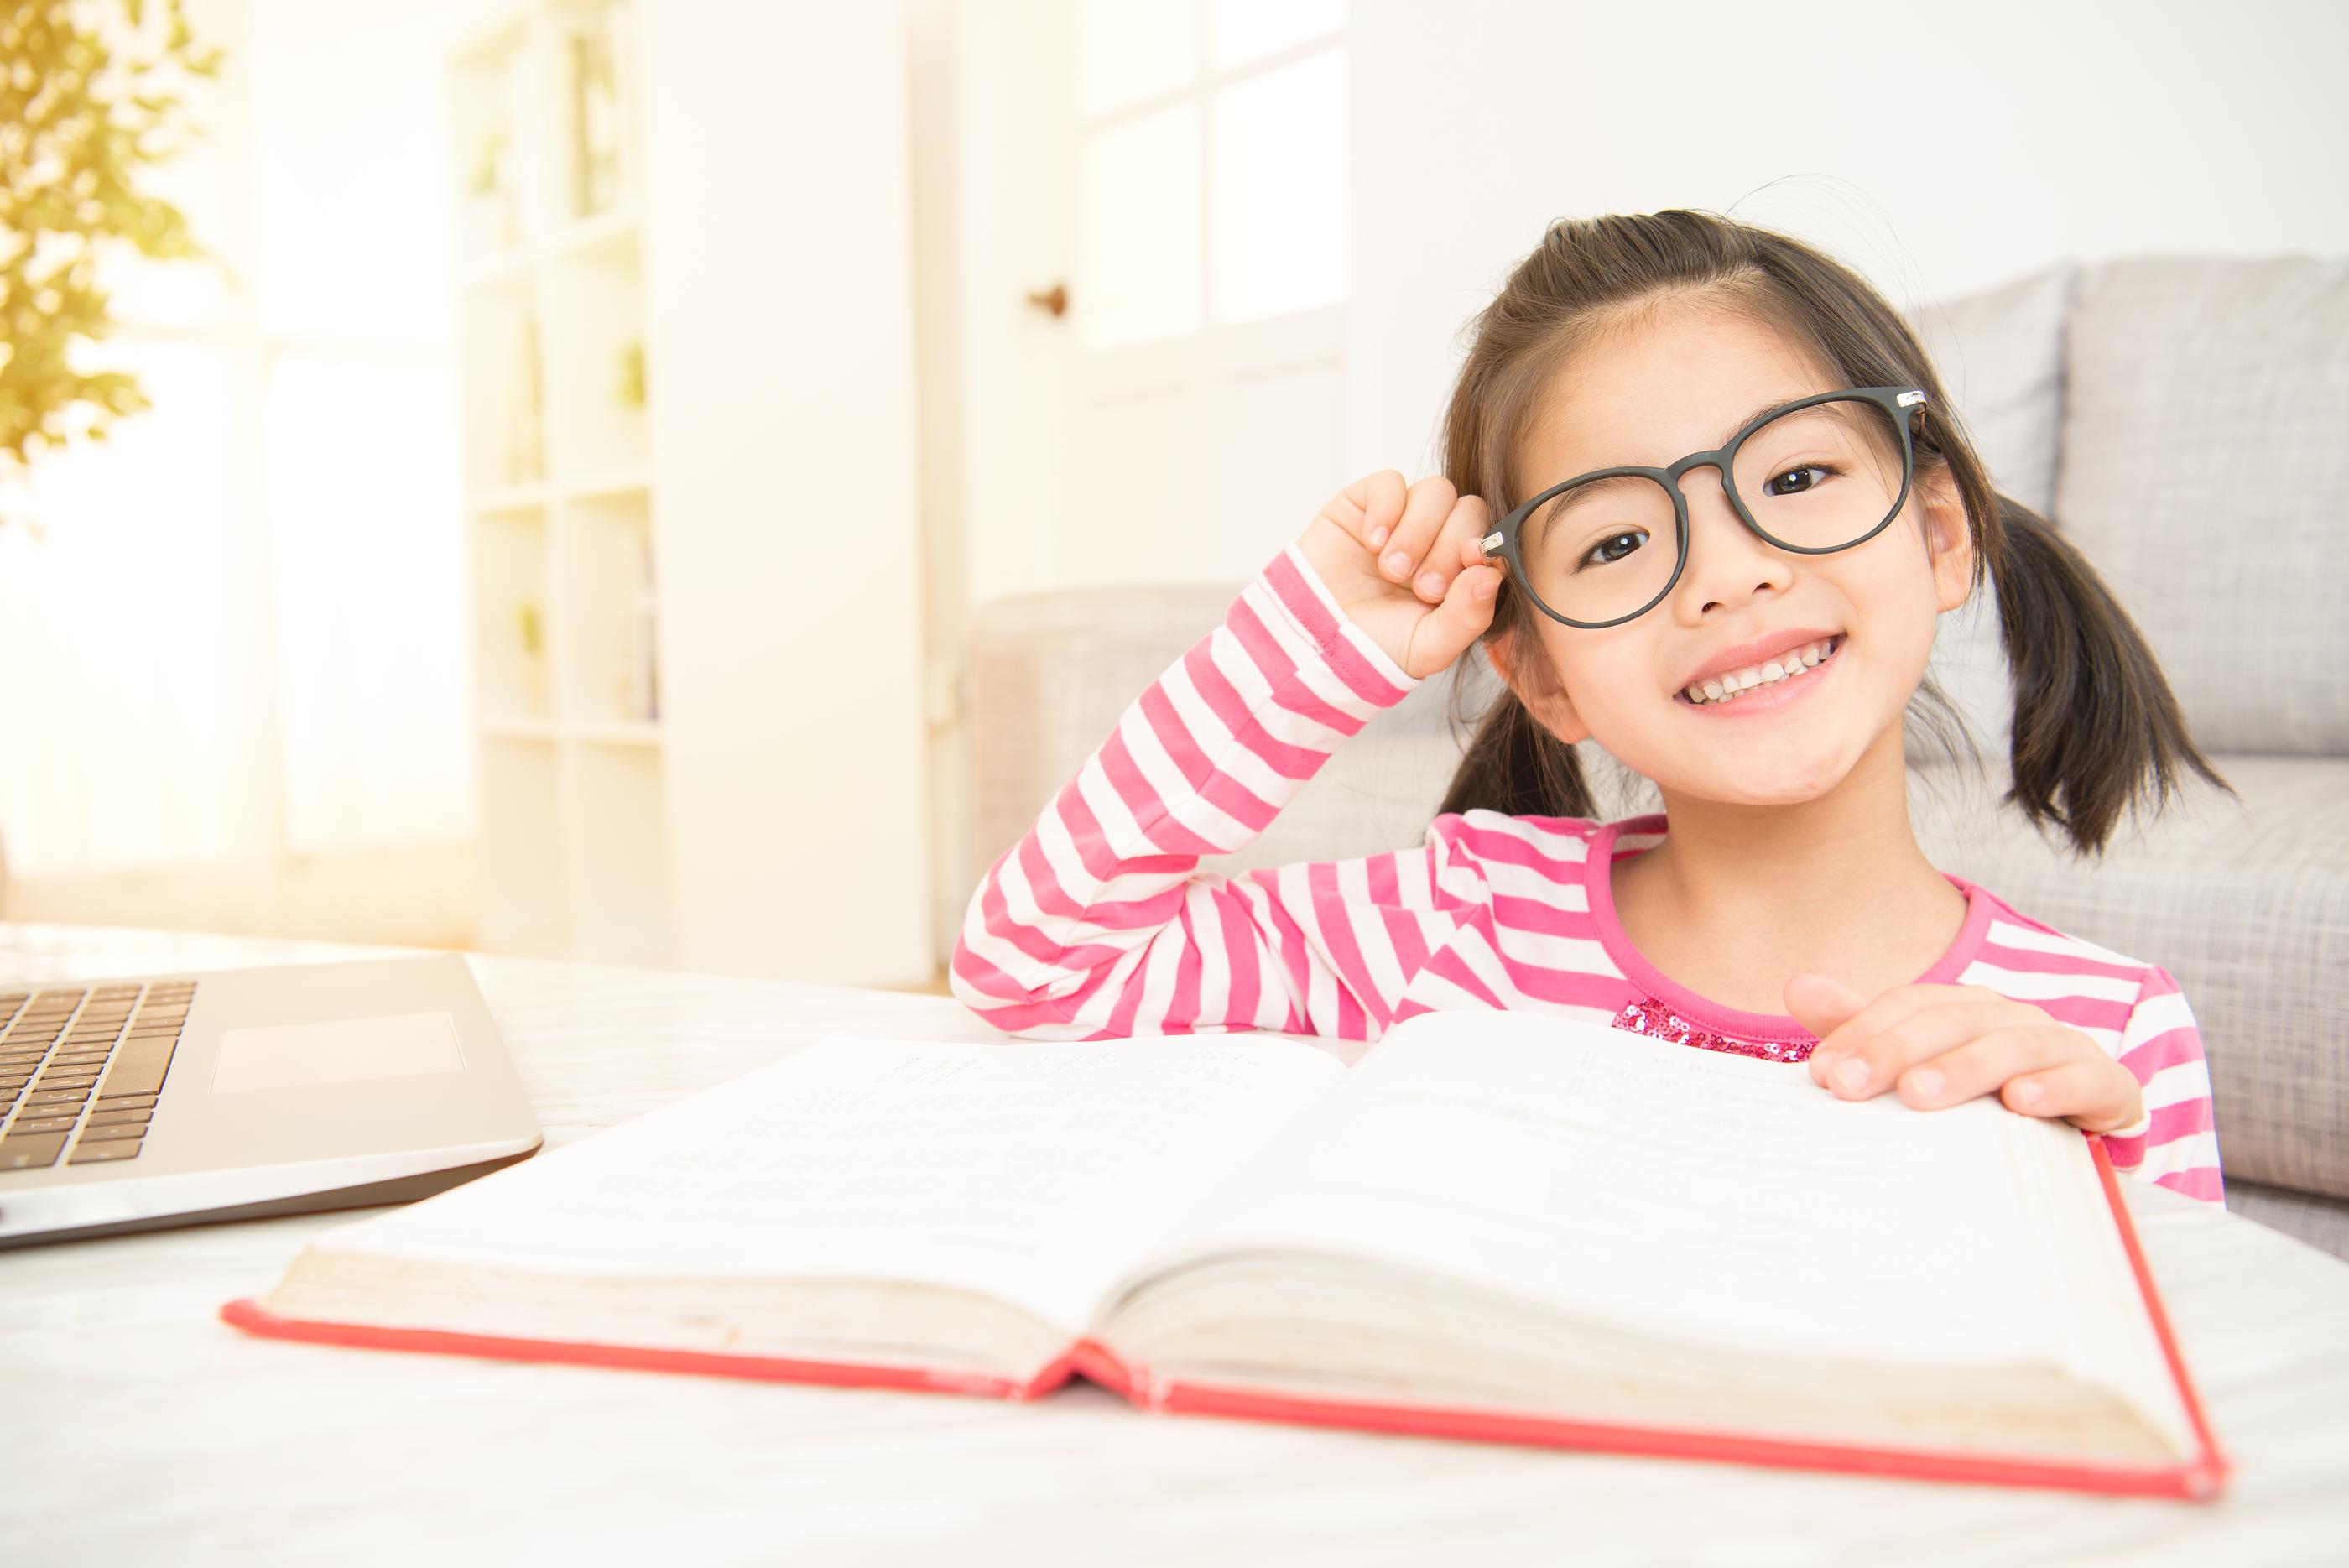 bigstock-Smile-Girl-Holding-Glasses-Rea-190702681.jpg